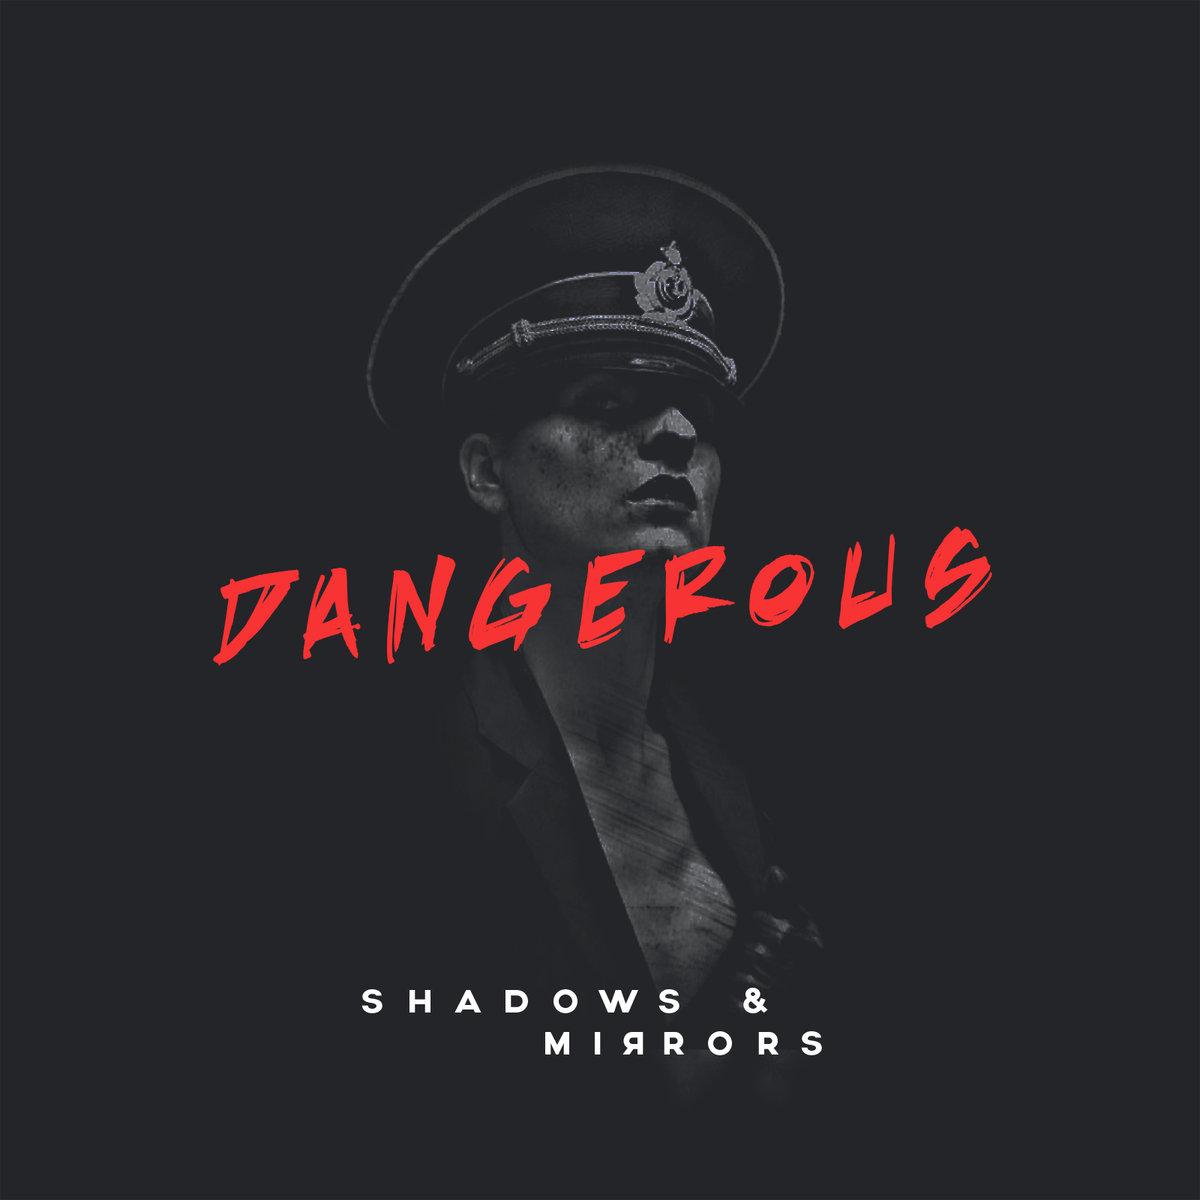 Shadows & Mirrors – Dangerous